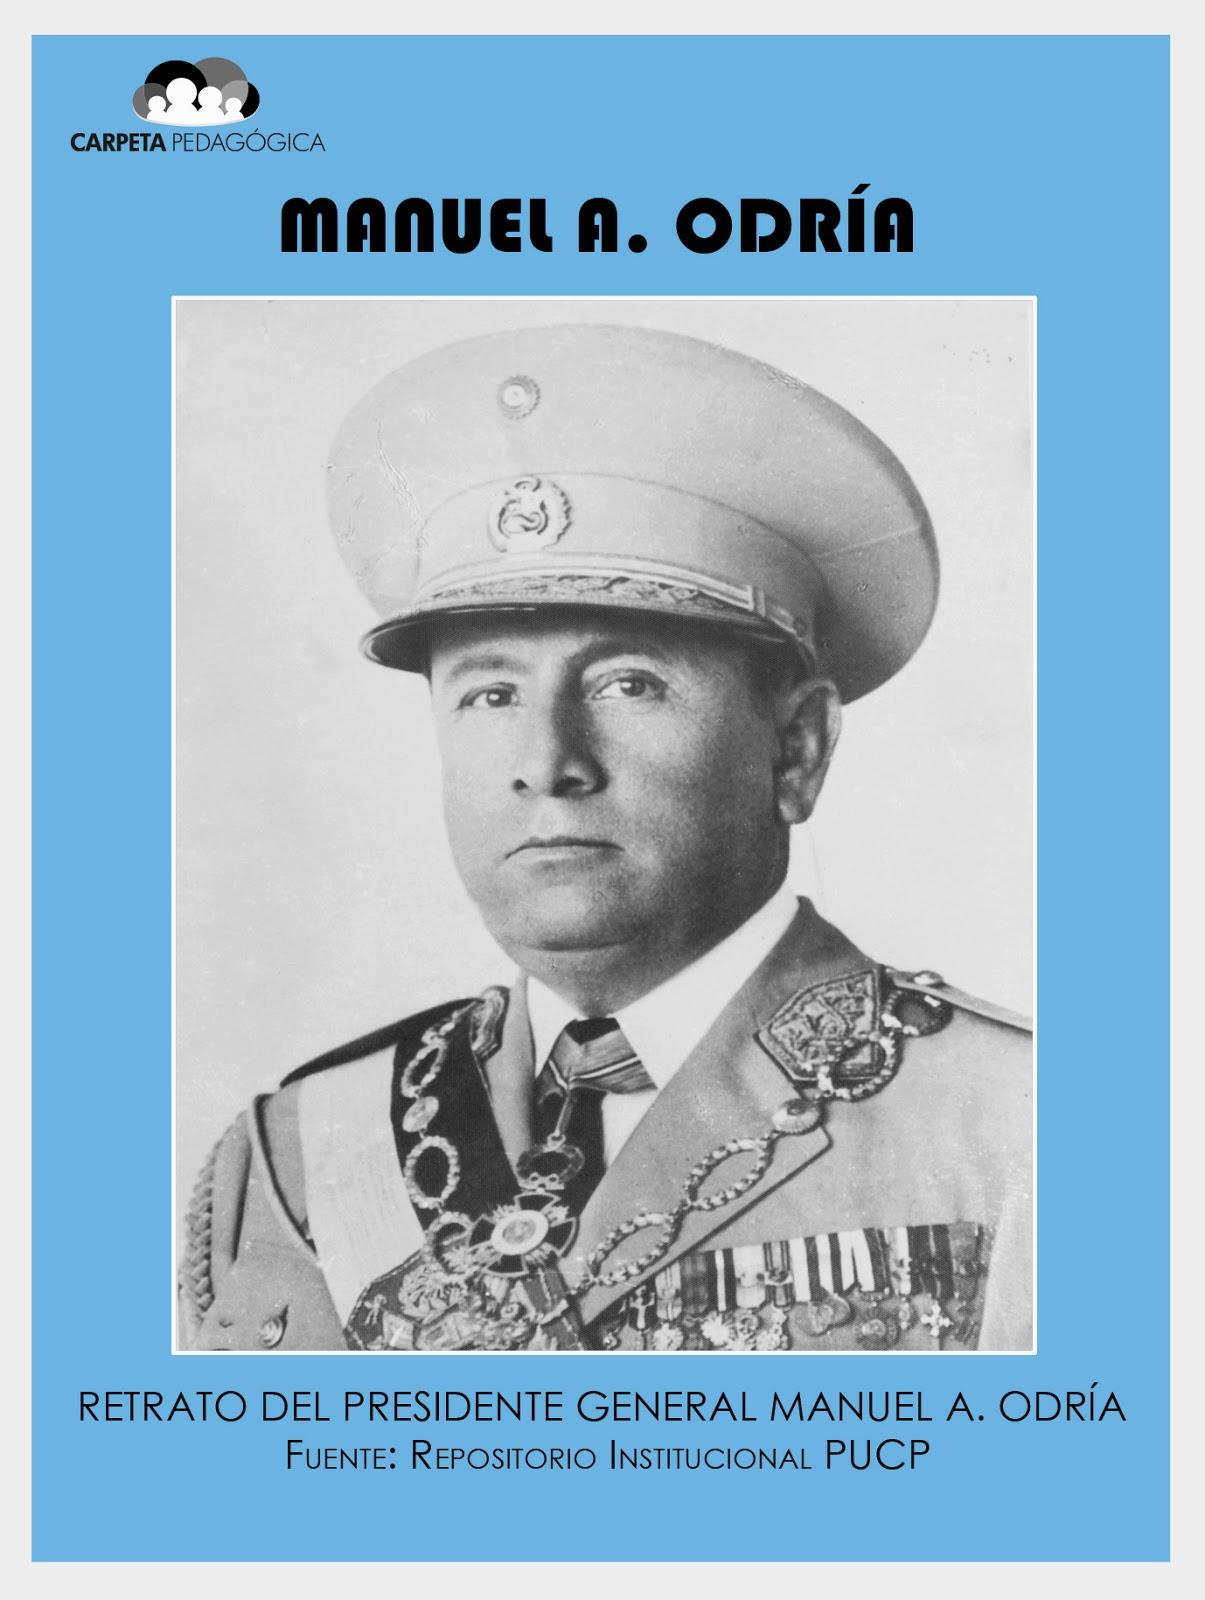 El ochenio de  Manuel Odría (1948 -1956)